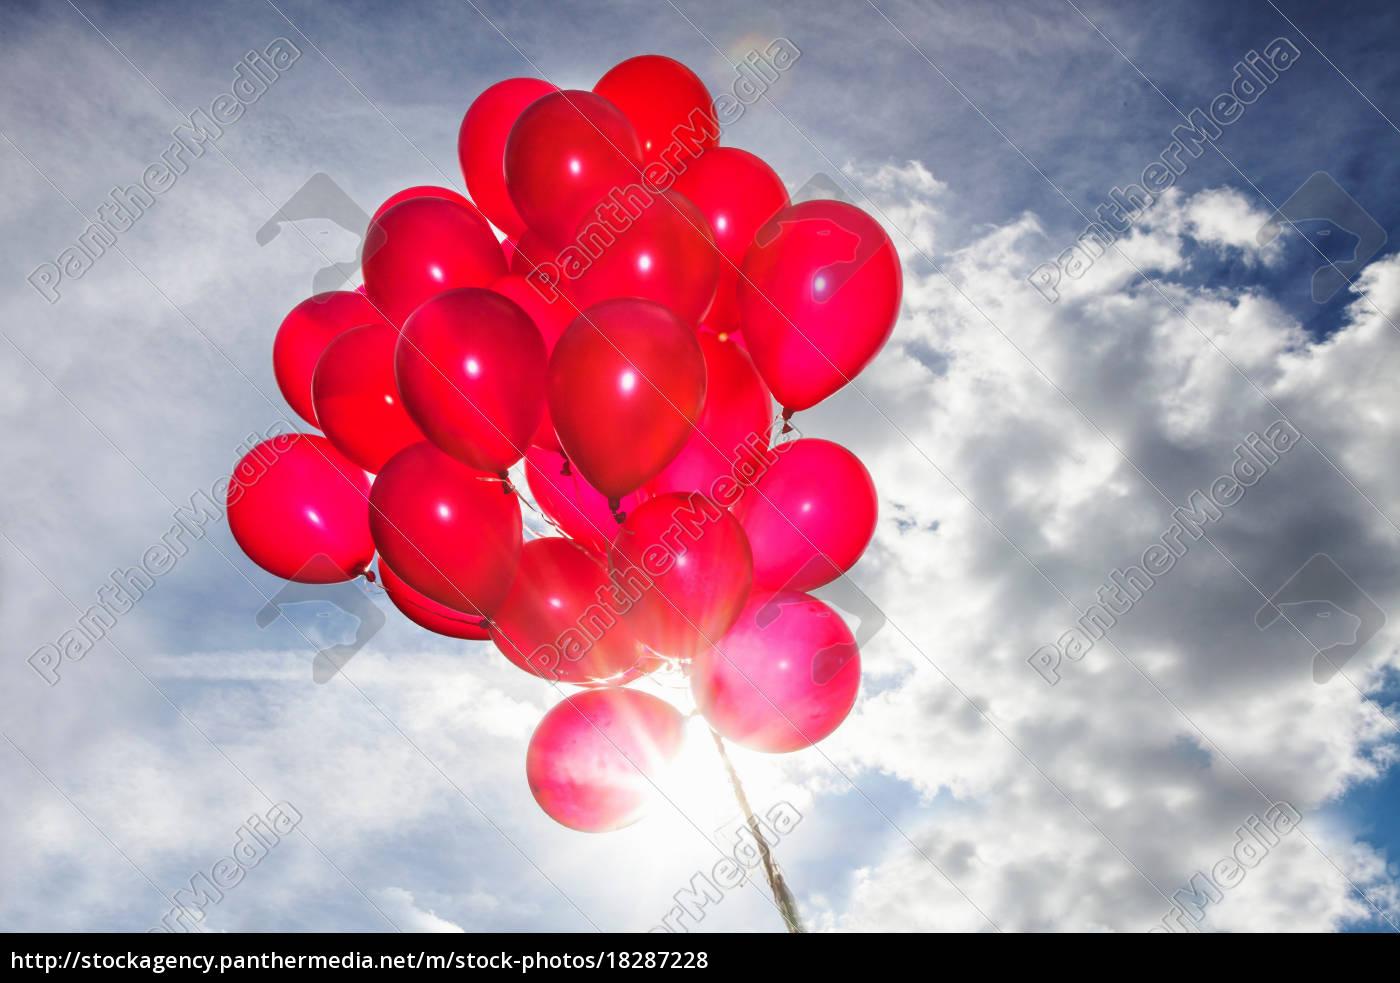 bündel, roter, luftballons, am, blauen, himmel - 18287228